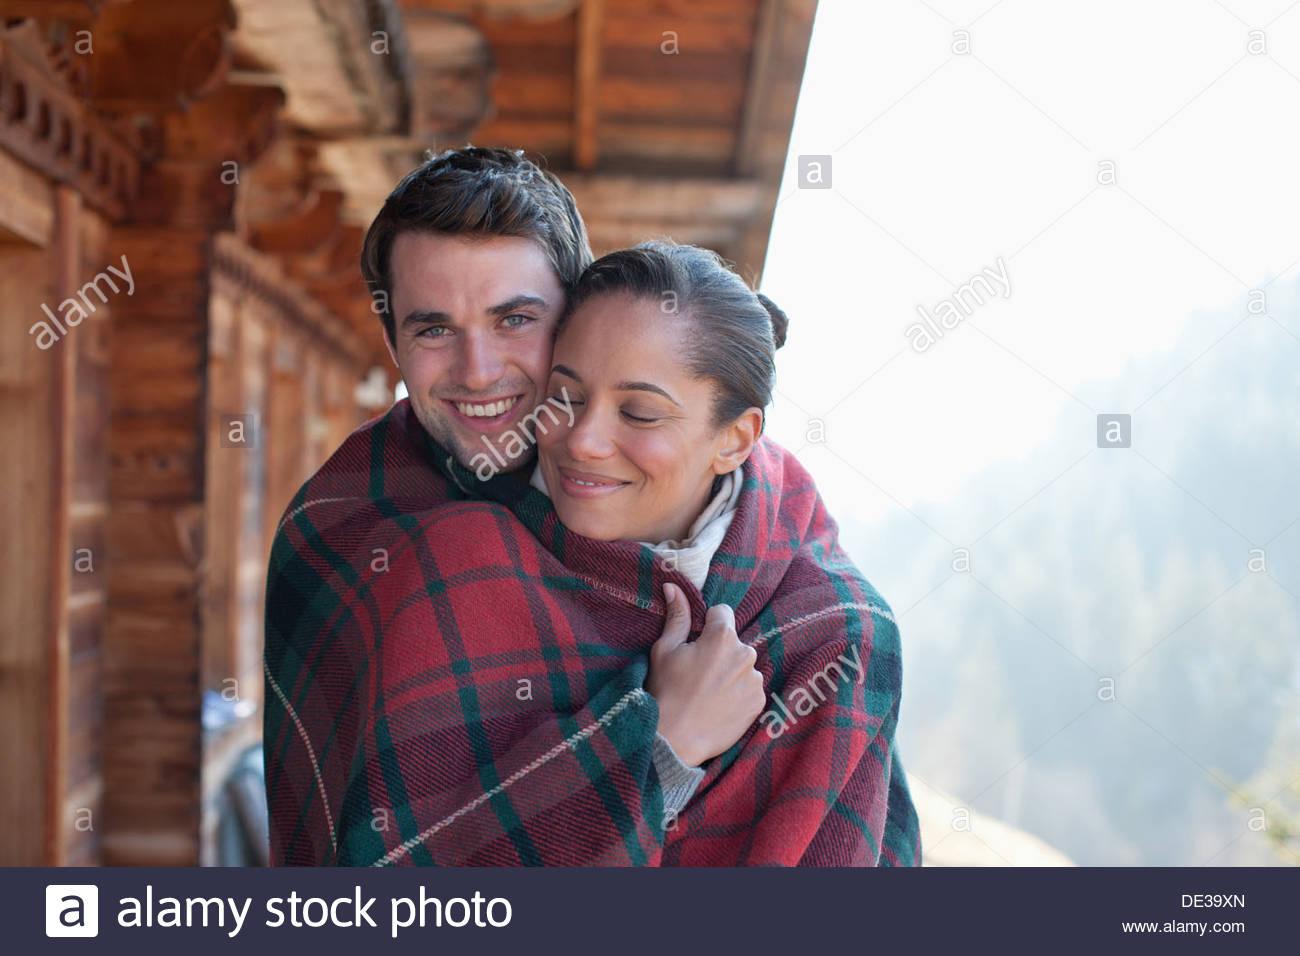 Porträt des Lächelns paar eingewickelt in eine Decke auf der Veranda der Hütte Stockbild